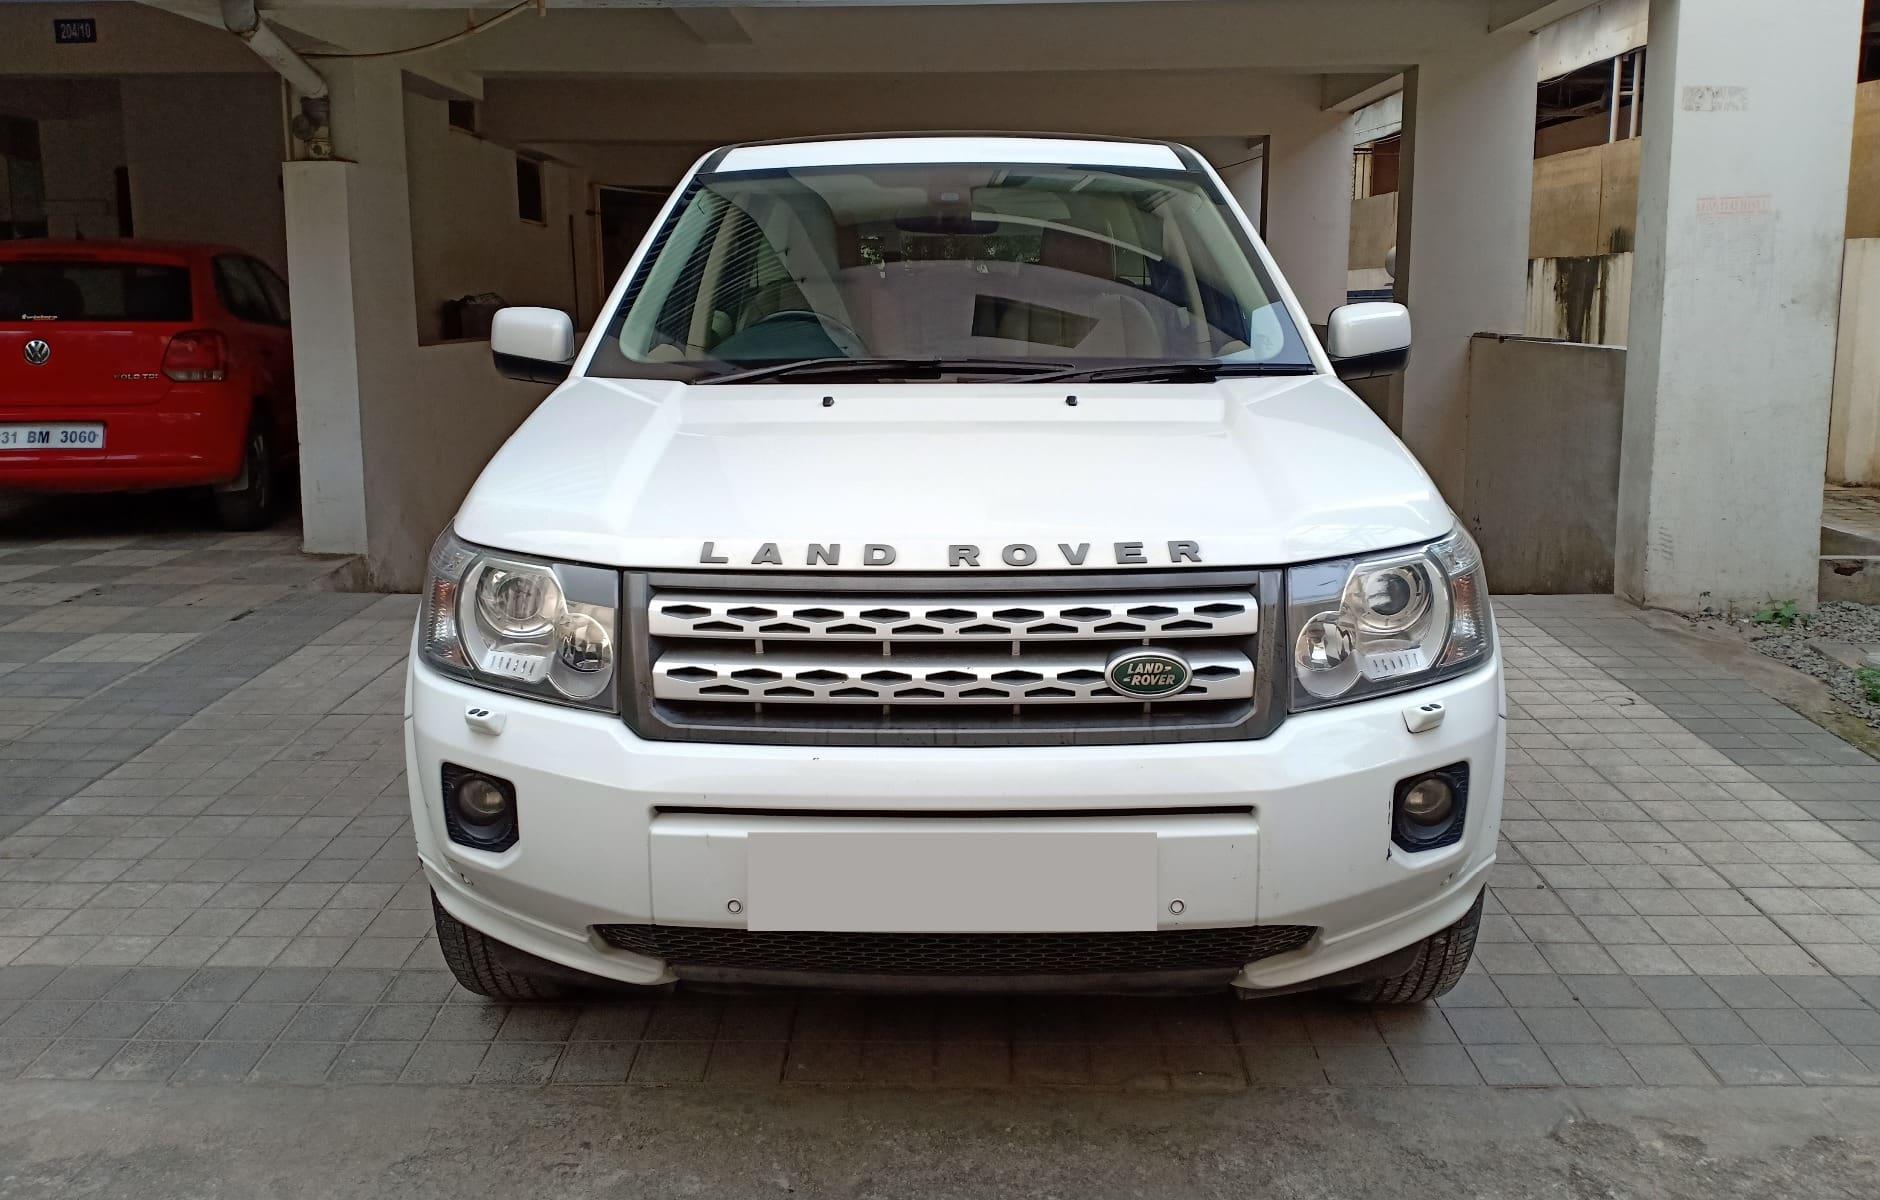 Land Rover Freelander 2 HSE